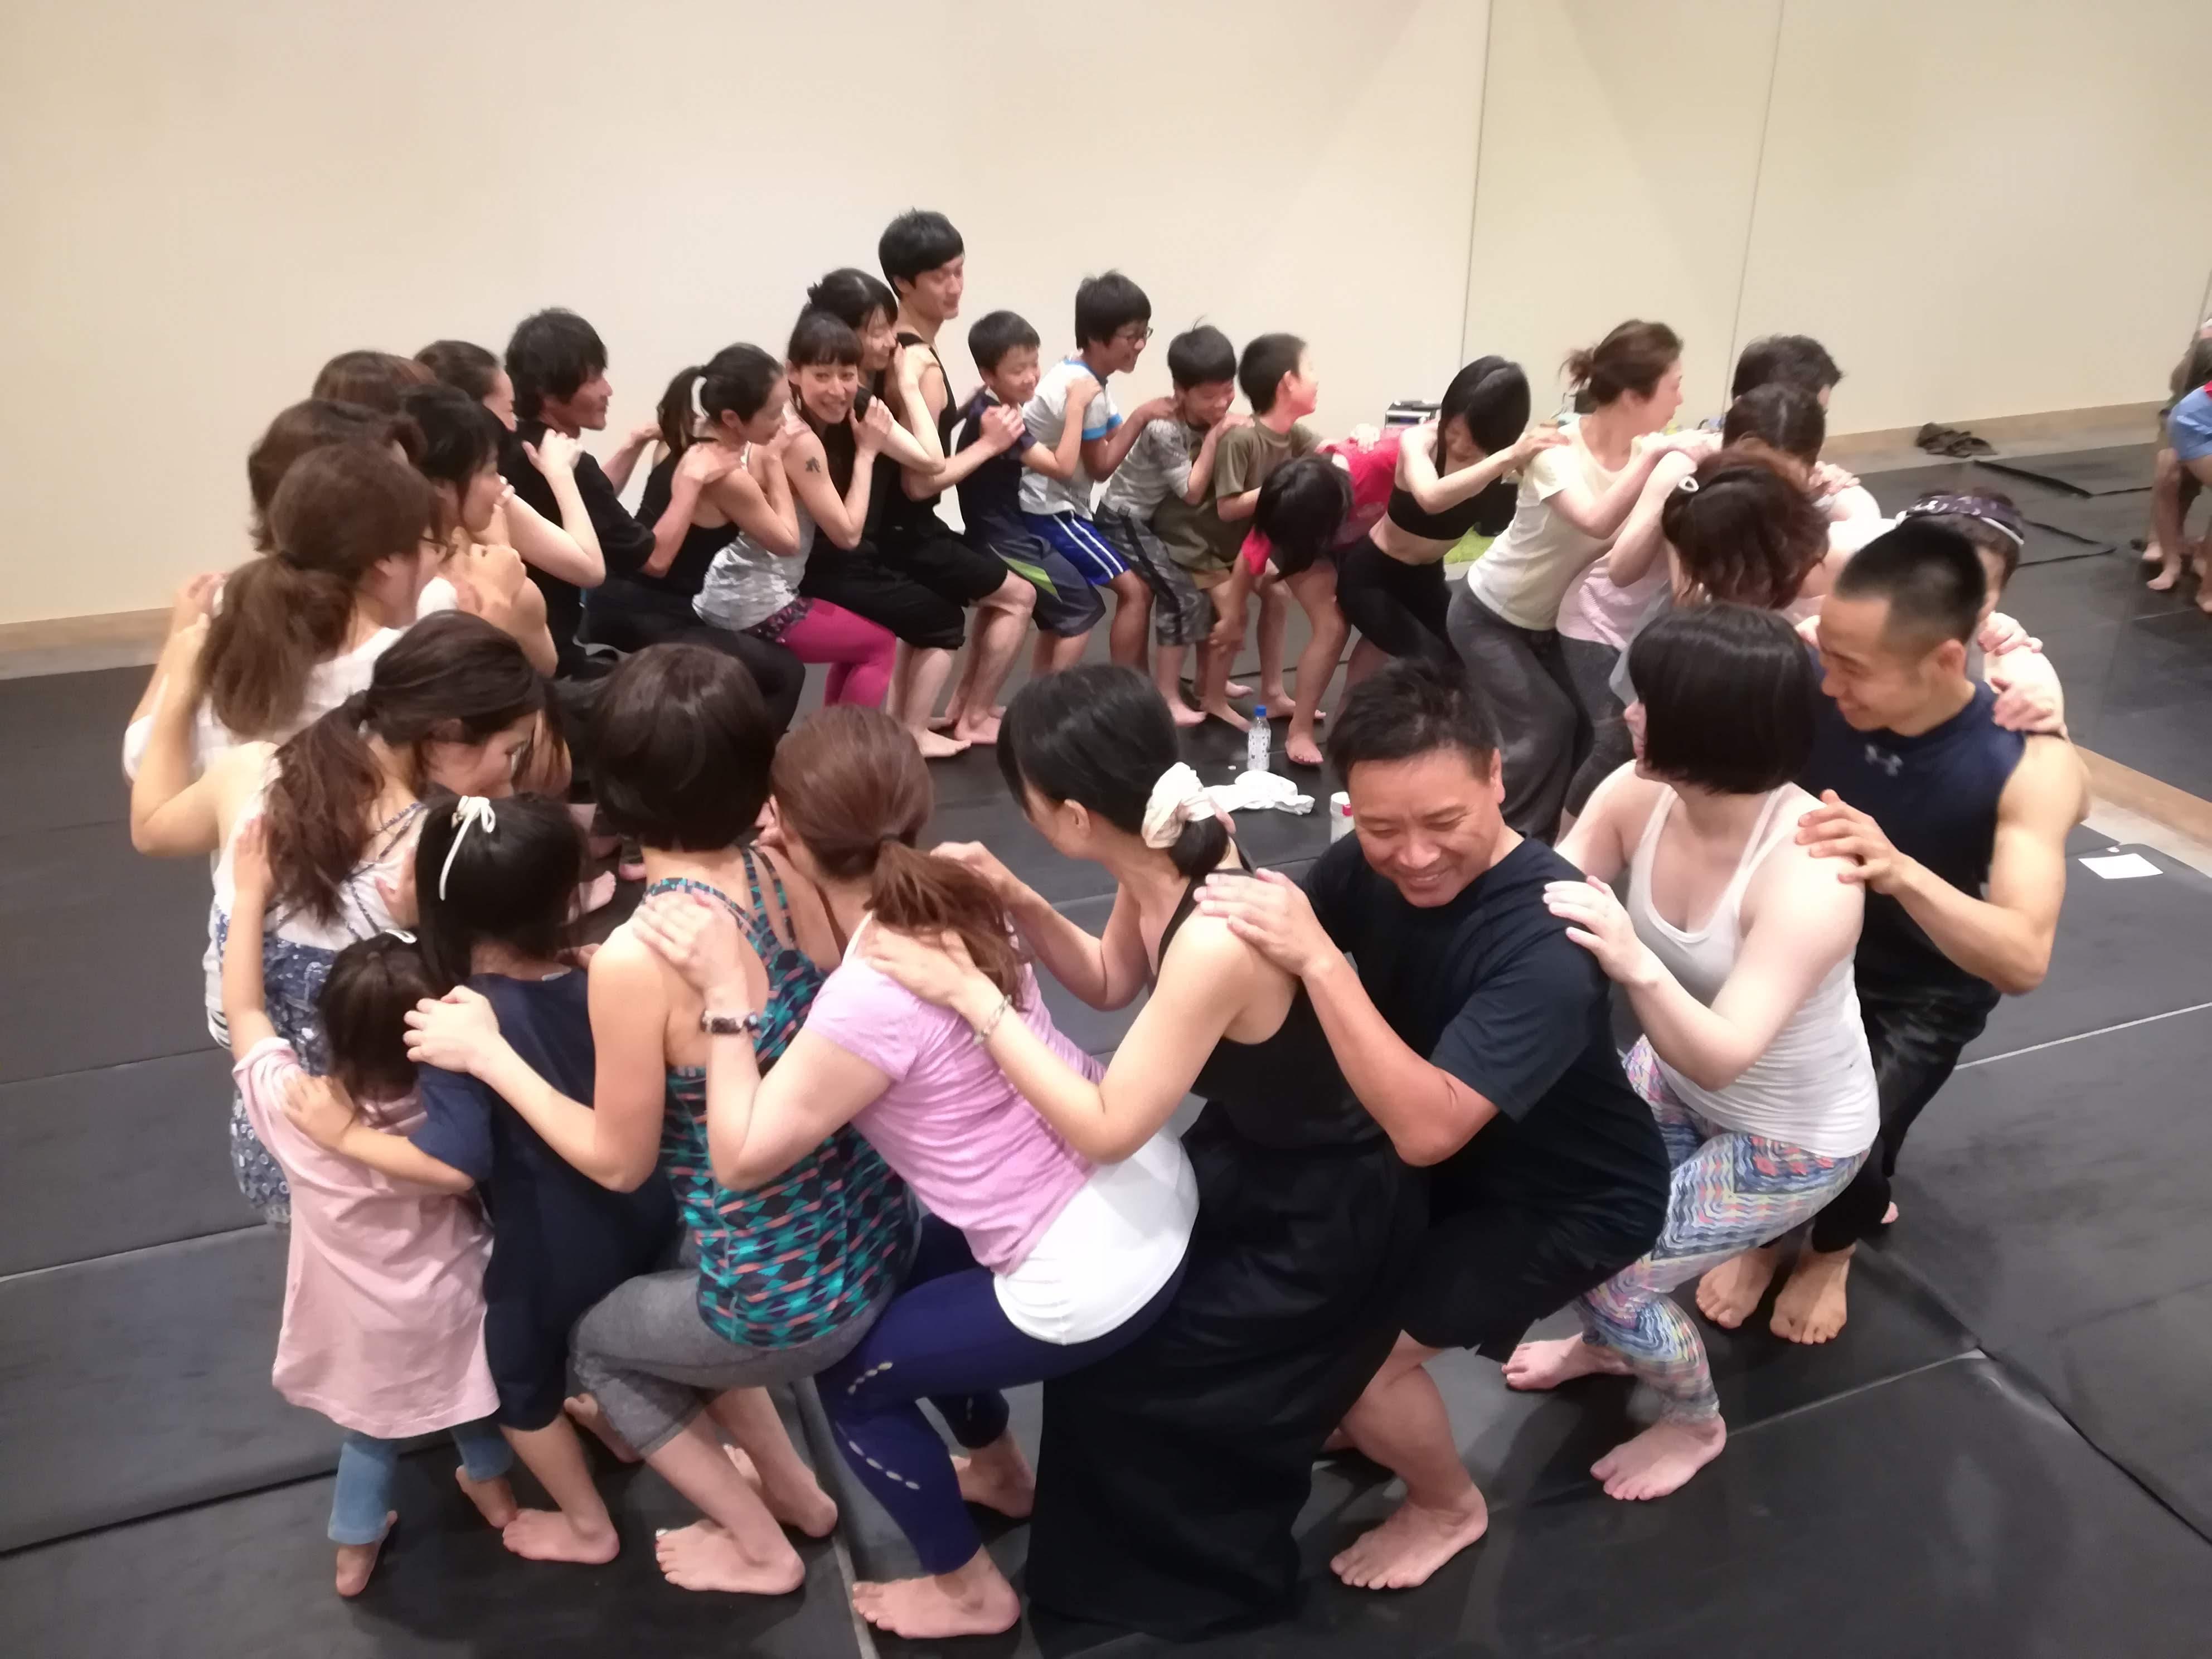 ルルレモン大阪にてチャリティヨガイベントを開催していただきました